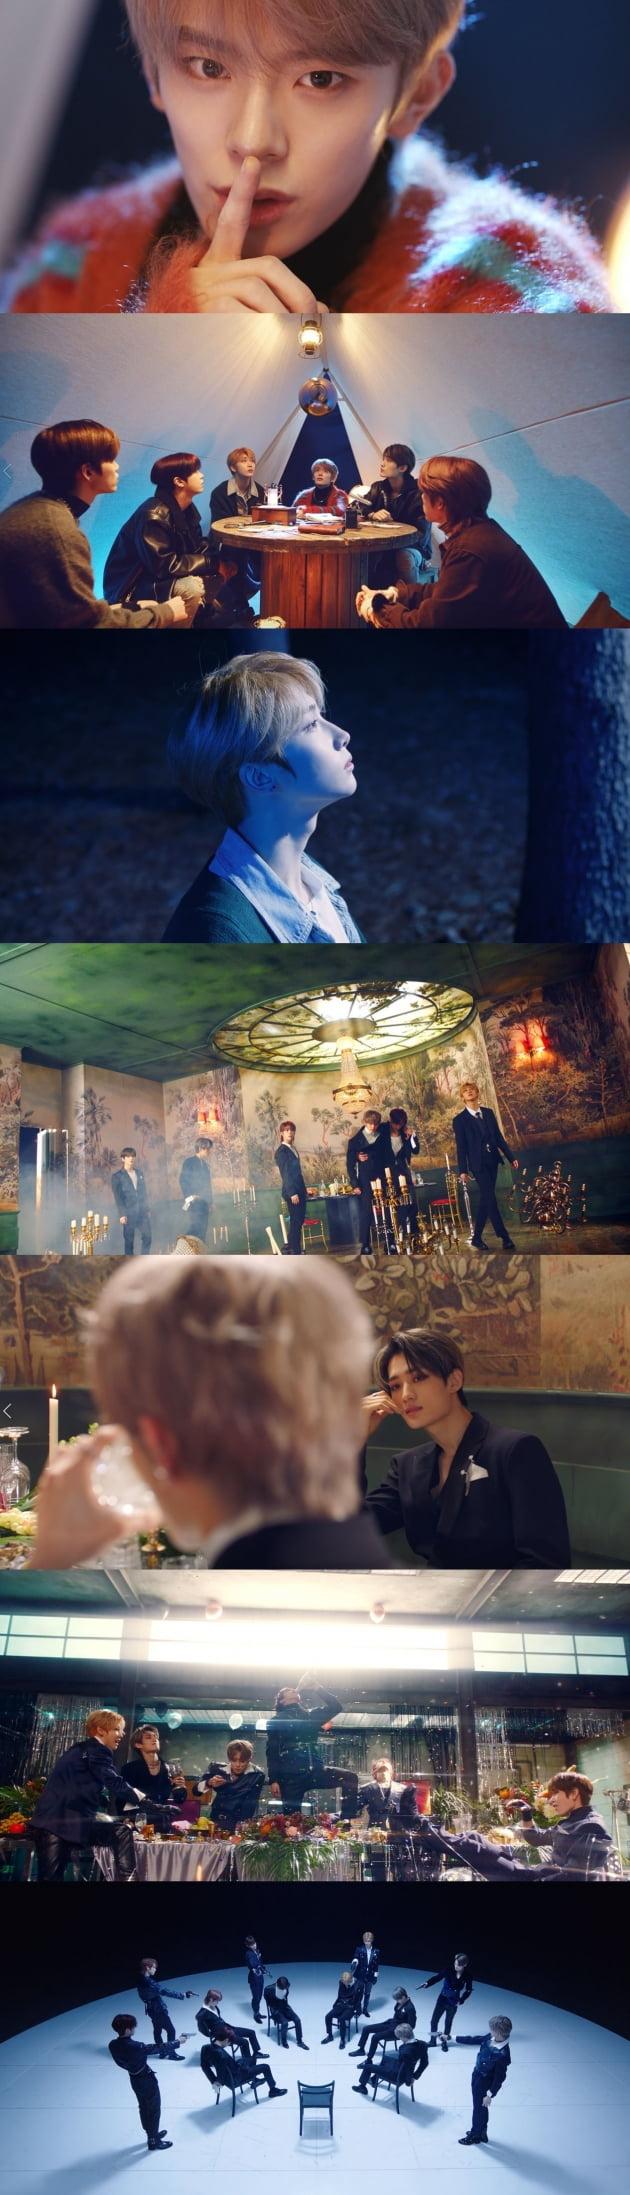 그룹 베리베리 /사진='Get Away' 뮤직비디오 화면 캡처